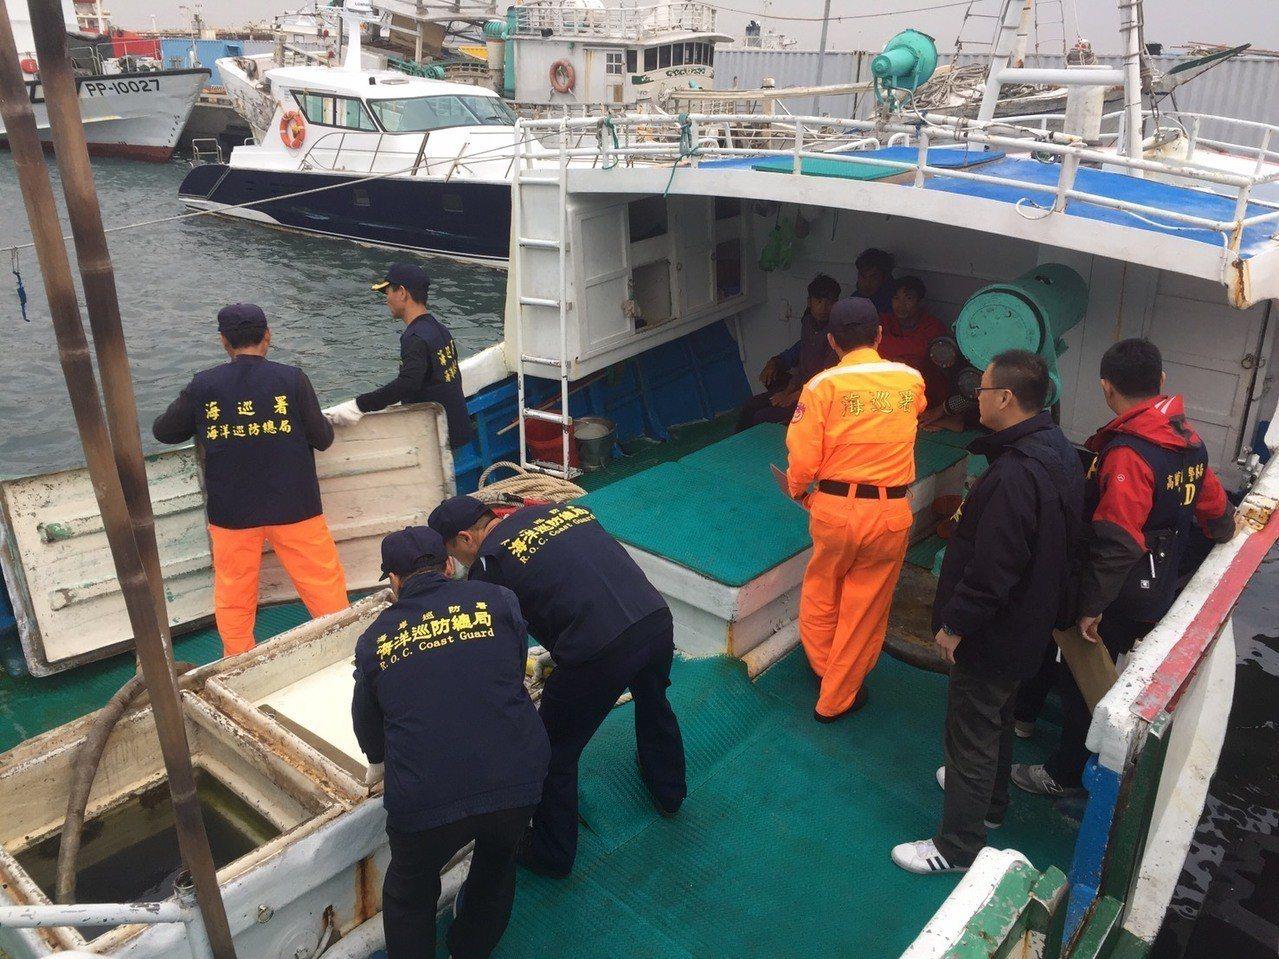 海巡人員將昇利滿號押回公務碼頭,並與警方登船搜索。記者林伯驊/翻攝